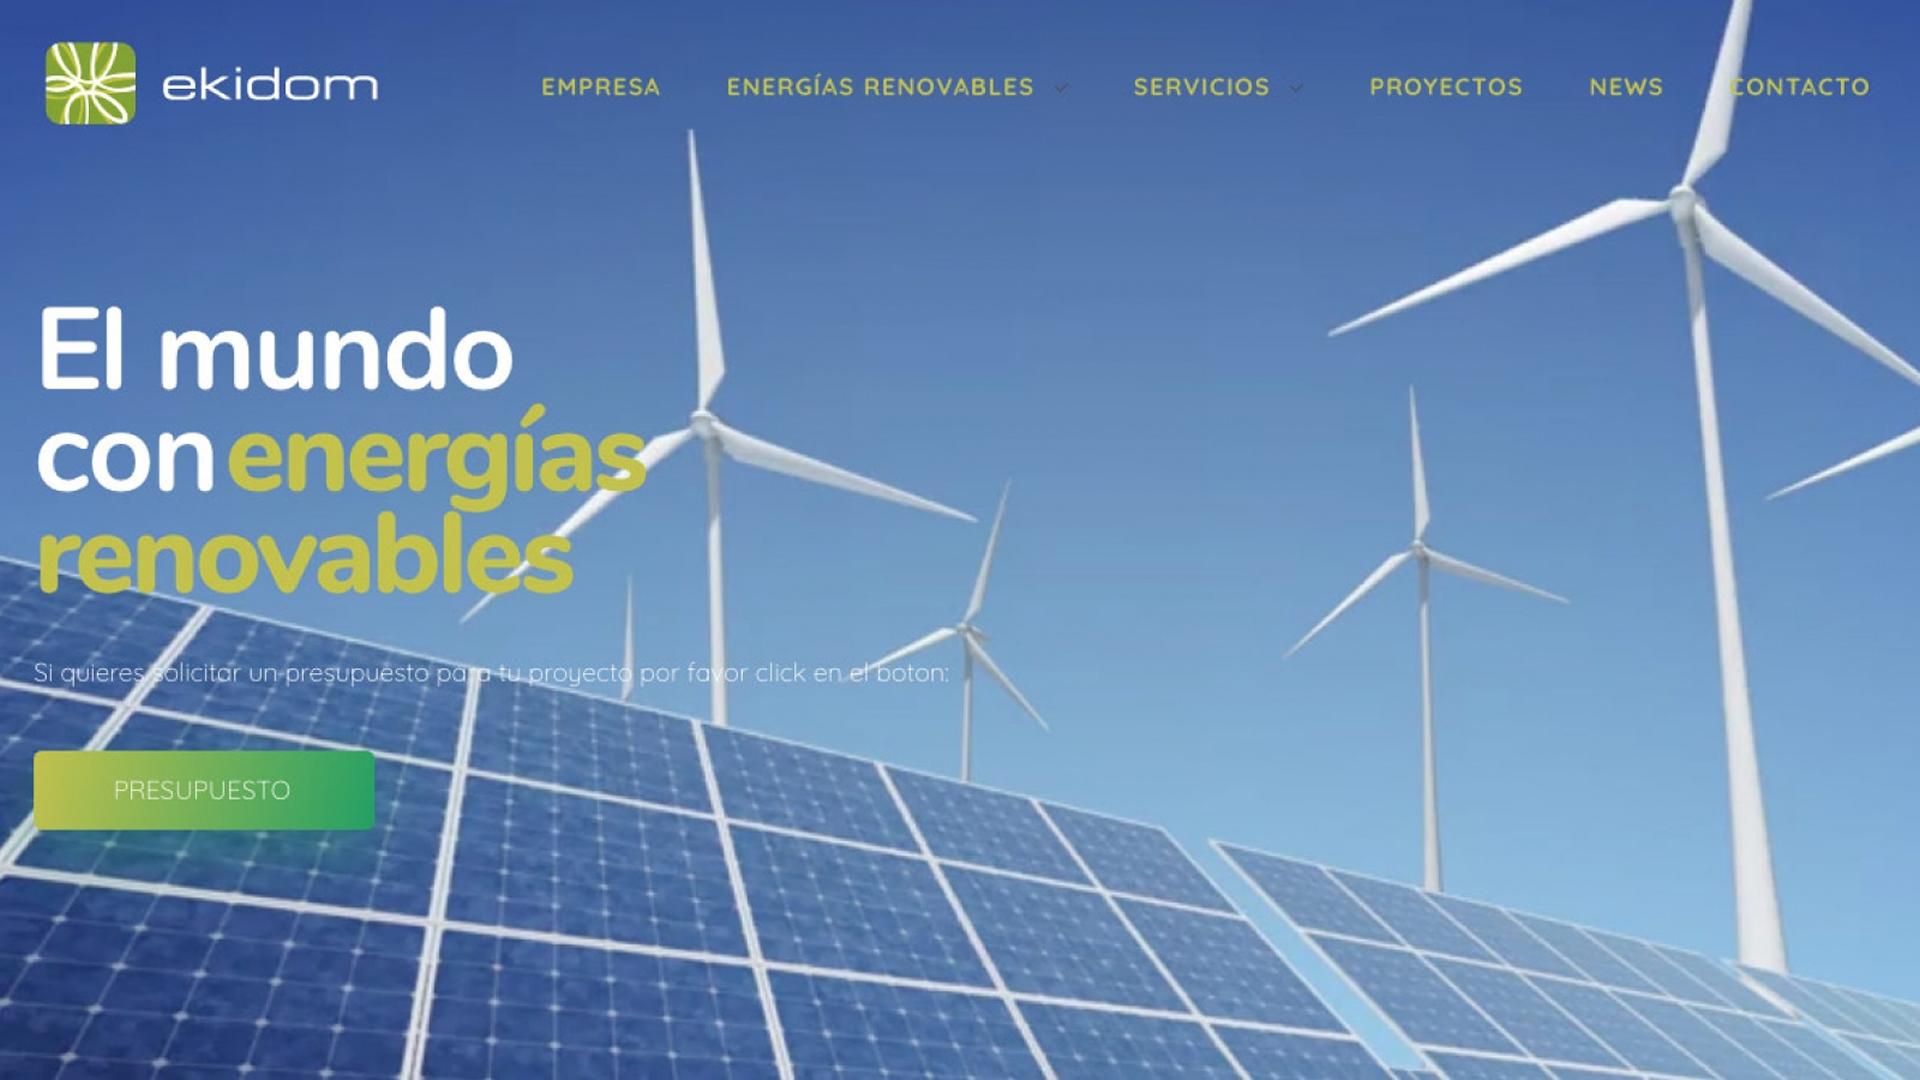 Becas Prácticas profesionales remuneradasen Ekidom con Fundación Novia Salcedo